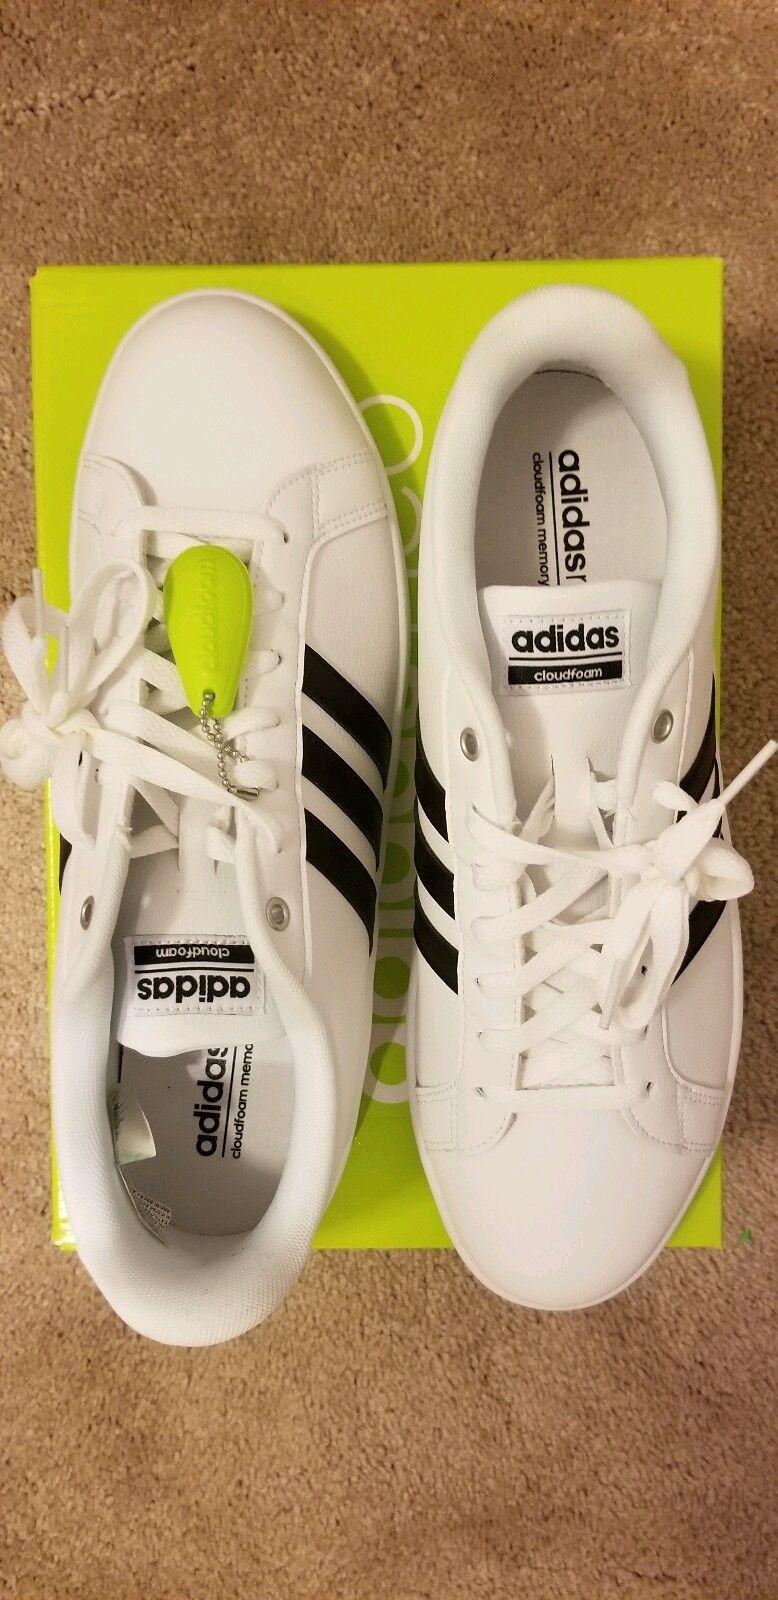 Adidas NEO Cloudfoam Advantage Fashion Sneaker White White NEW